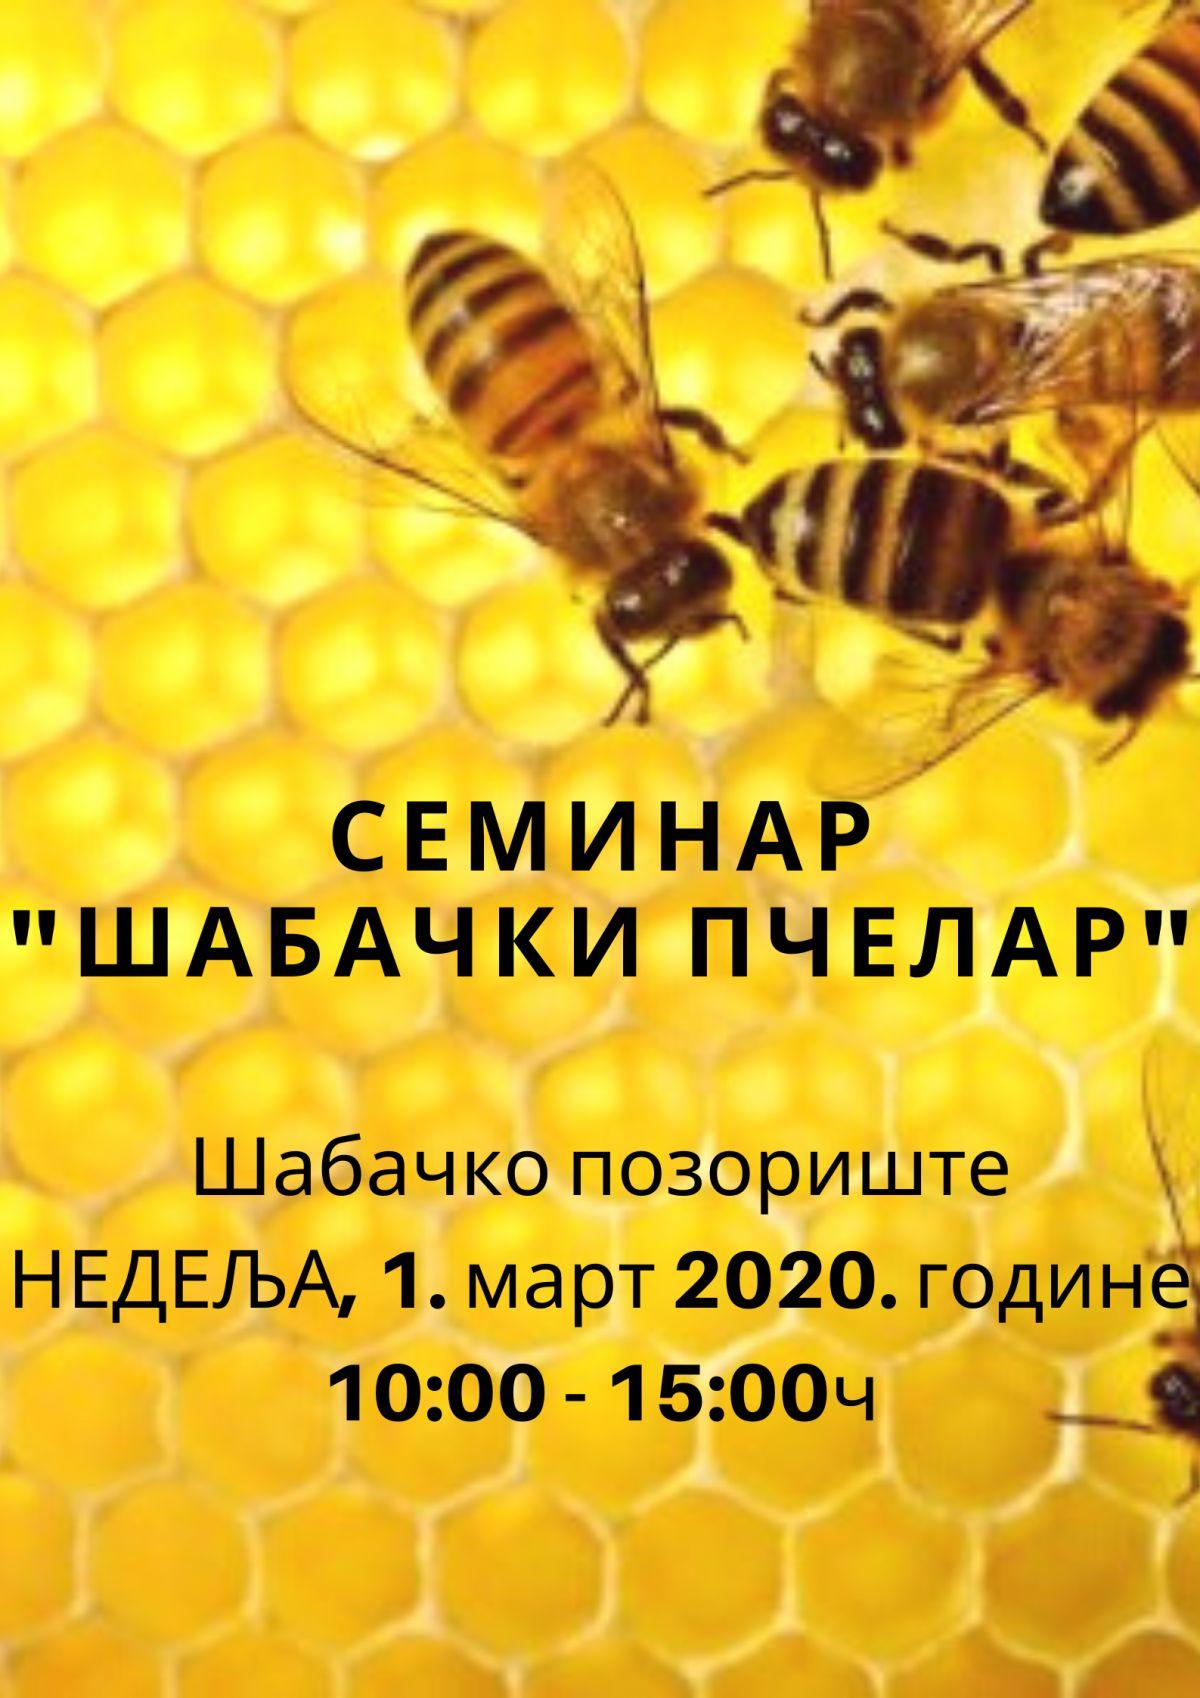 """Seminar """"Šabački pčelar"""" u nedelju"""